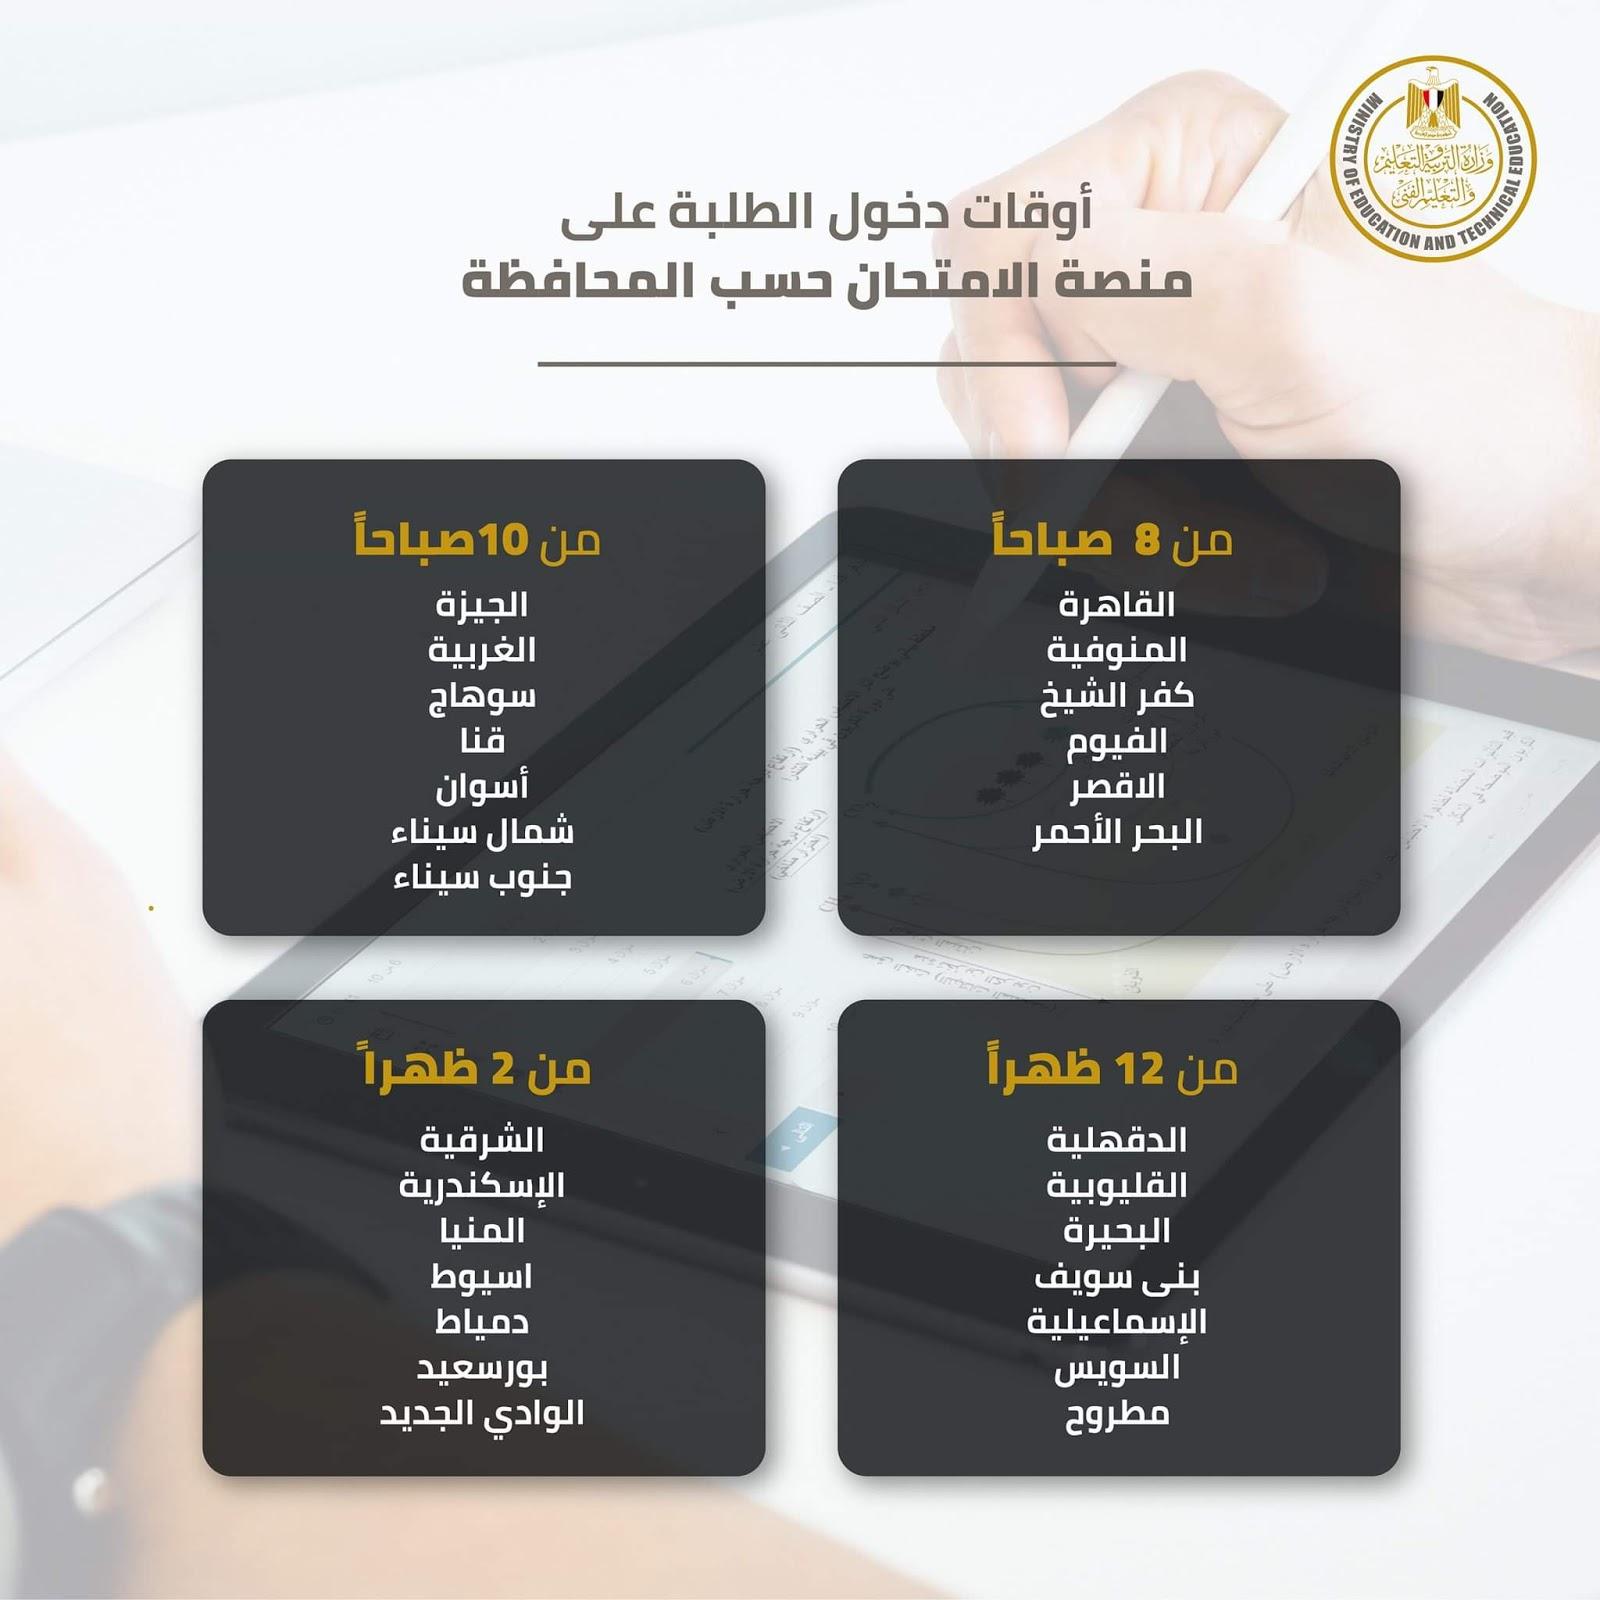 وزير التربية والتعليم يعلن جدول الامتحان التجريبى للصف الاول الثانوى